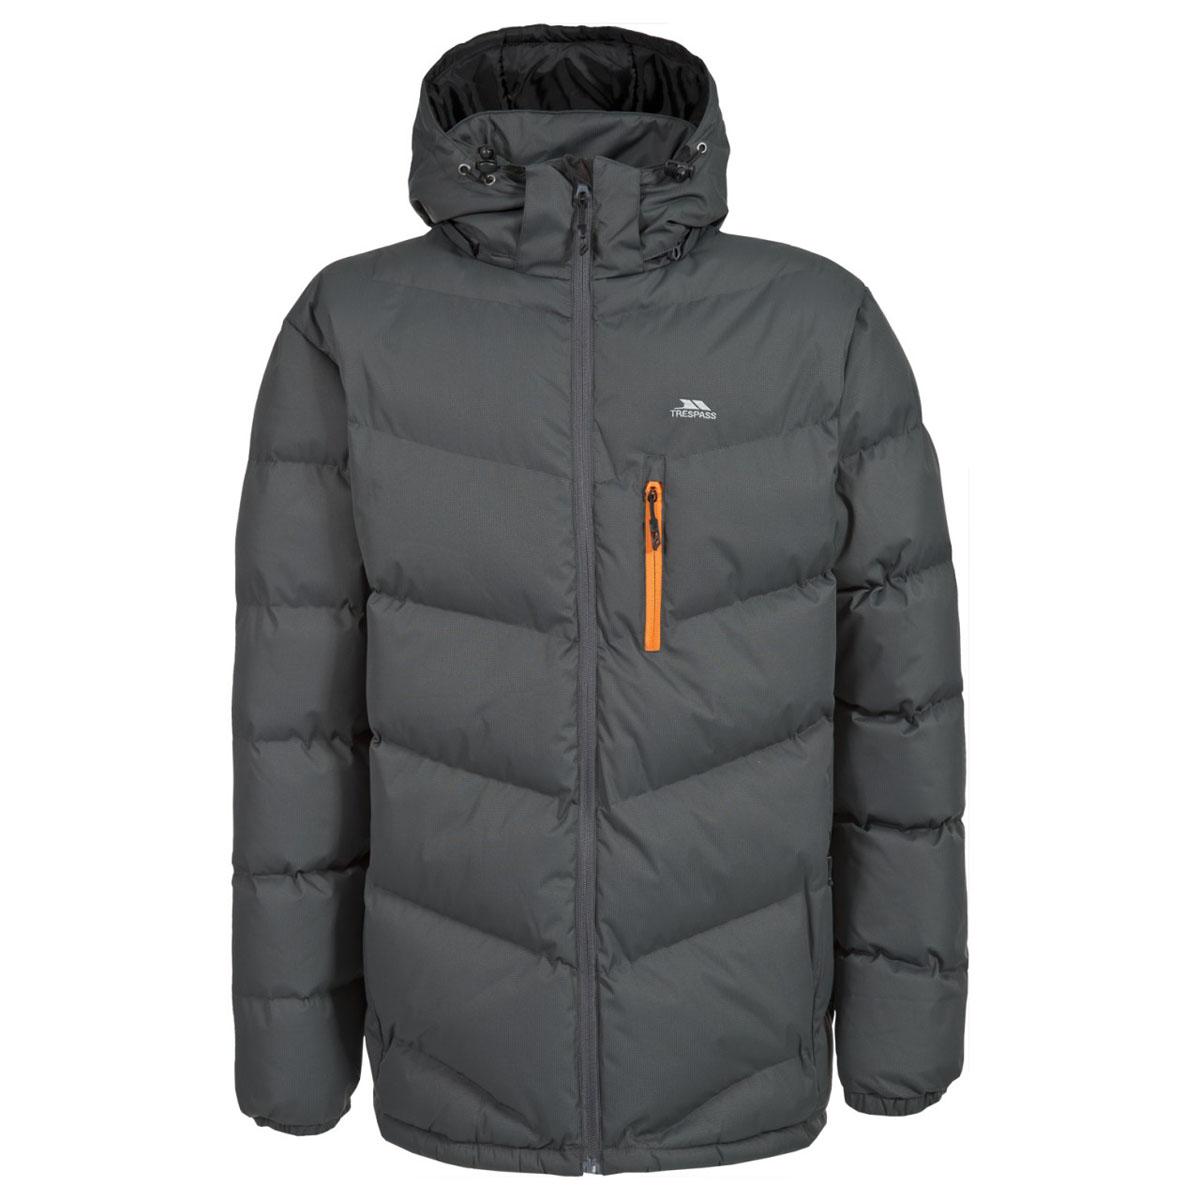 Куртка мужская Trespass Blustery, цвет: серо-зеленый. MAJKCAK20004. Размер M (50)MAJKCAK20004Мужская куртка Trespass Blustery выполнена из 100% полиэстера и застегивается на застежку-молнию. Утеплитель ColdHeat 360 г/м2 (синтетический, микроволоконный с функцией быстрого отвода влаги и высоким уровнем теплозащиты и износостойкости). Каждый простроченный шов от иглы оставляет сотни отверстий, через которые влага может проникать внутрь куртки. Применение технологии Taped Seams - обработка швов термо-пластичесткой лентой под высоким давлением - запечатывает швы, тем самым препятствуя проникновению влаги внутрь куртки, дополнительно обеспечивая вашему телу сухость и комфорт. Материал верха защищает от влаги (влагозащита - 5 000мм) и имеет дополнительное усиление от разрыва. Утепленный регулируемый капюшон. Прекрасно подойдет как для города, так и для отдыха на природе.